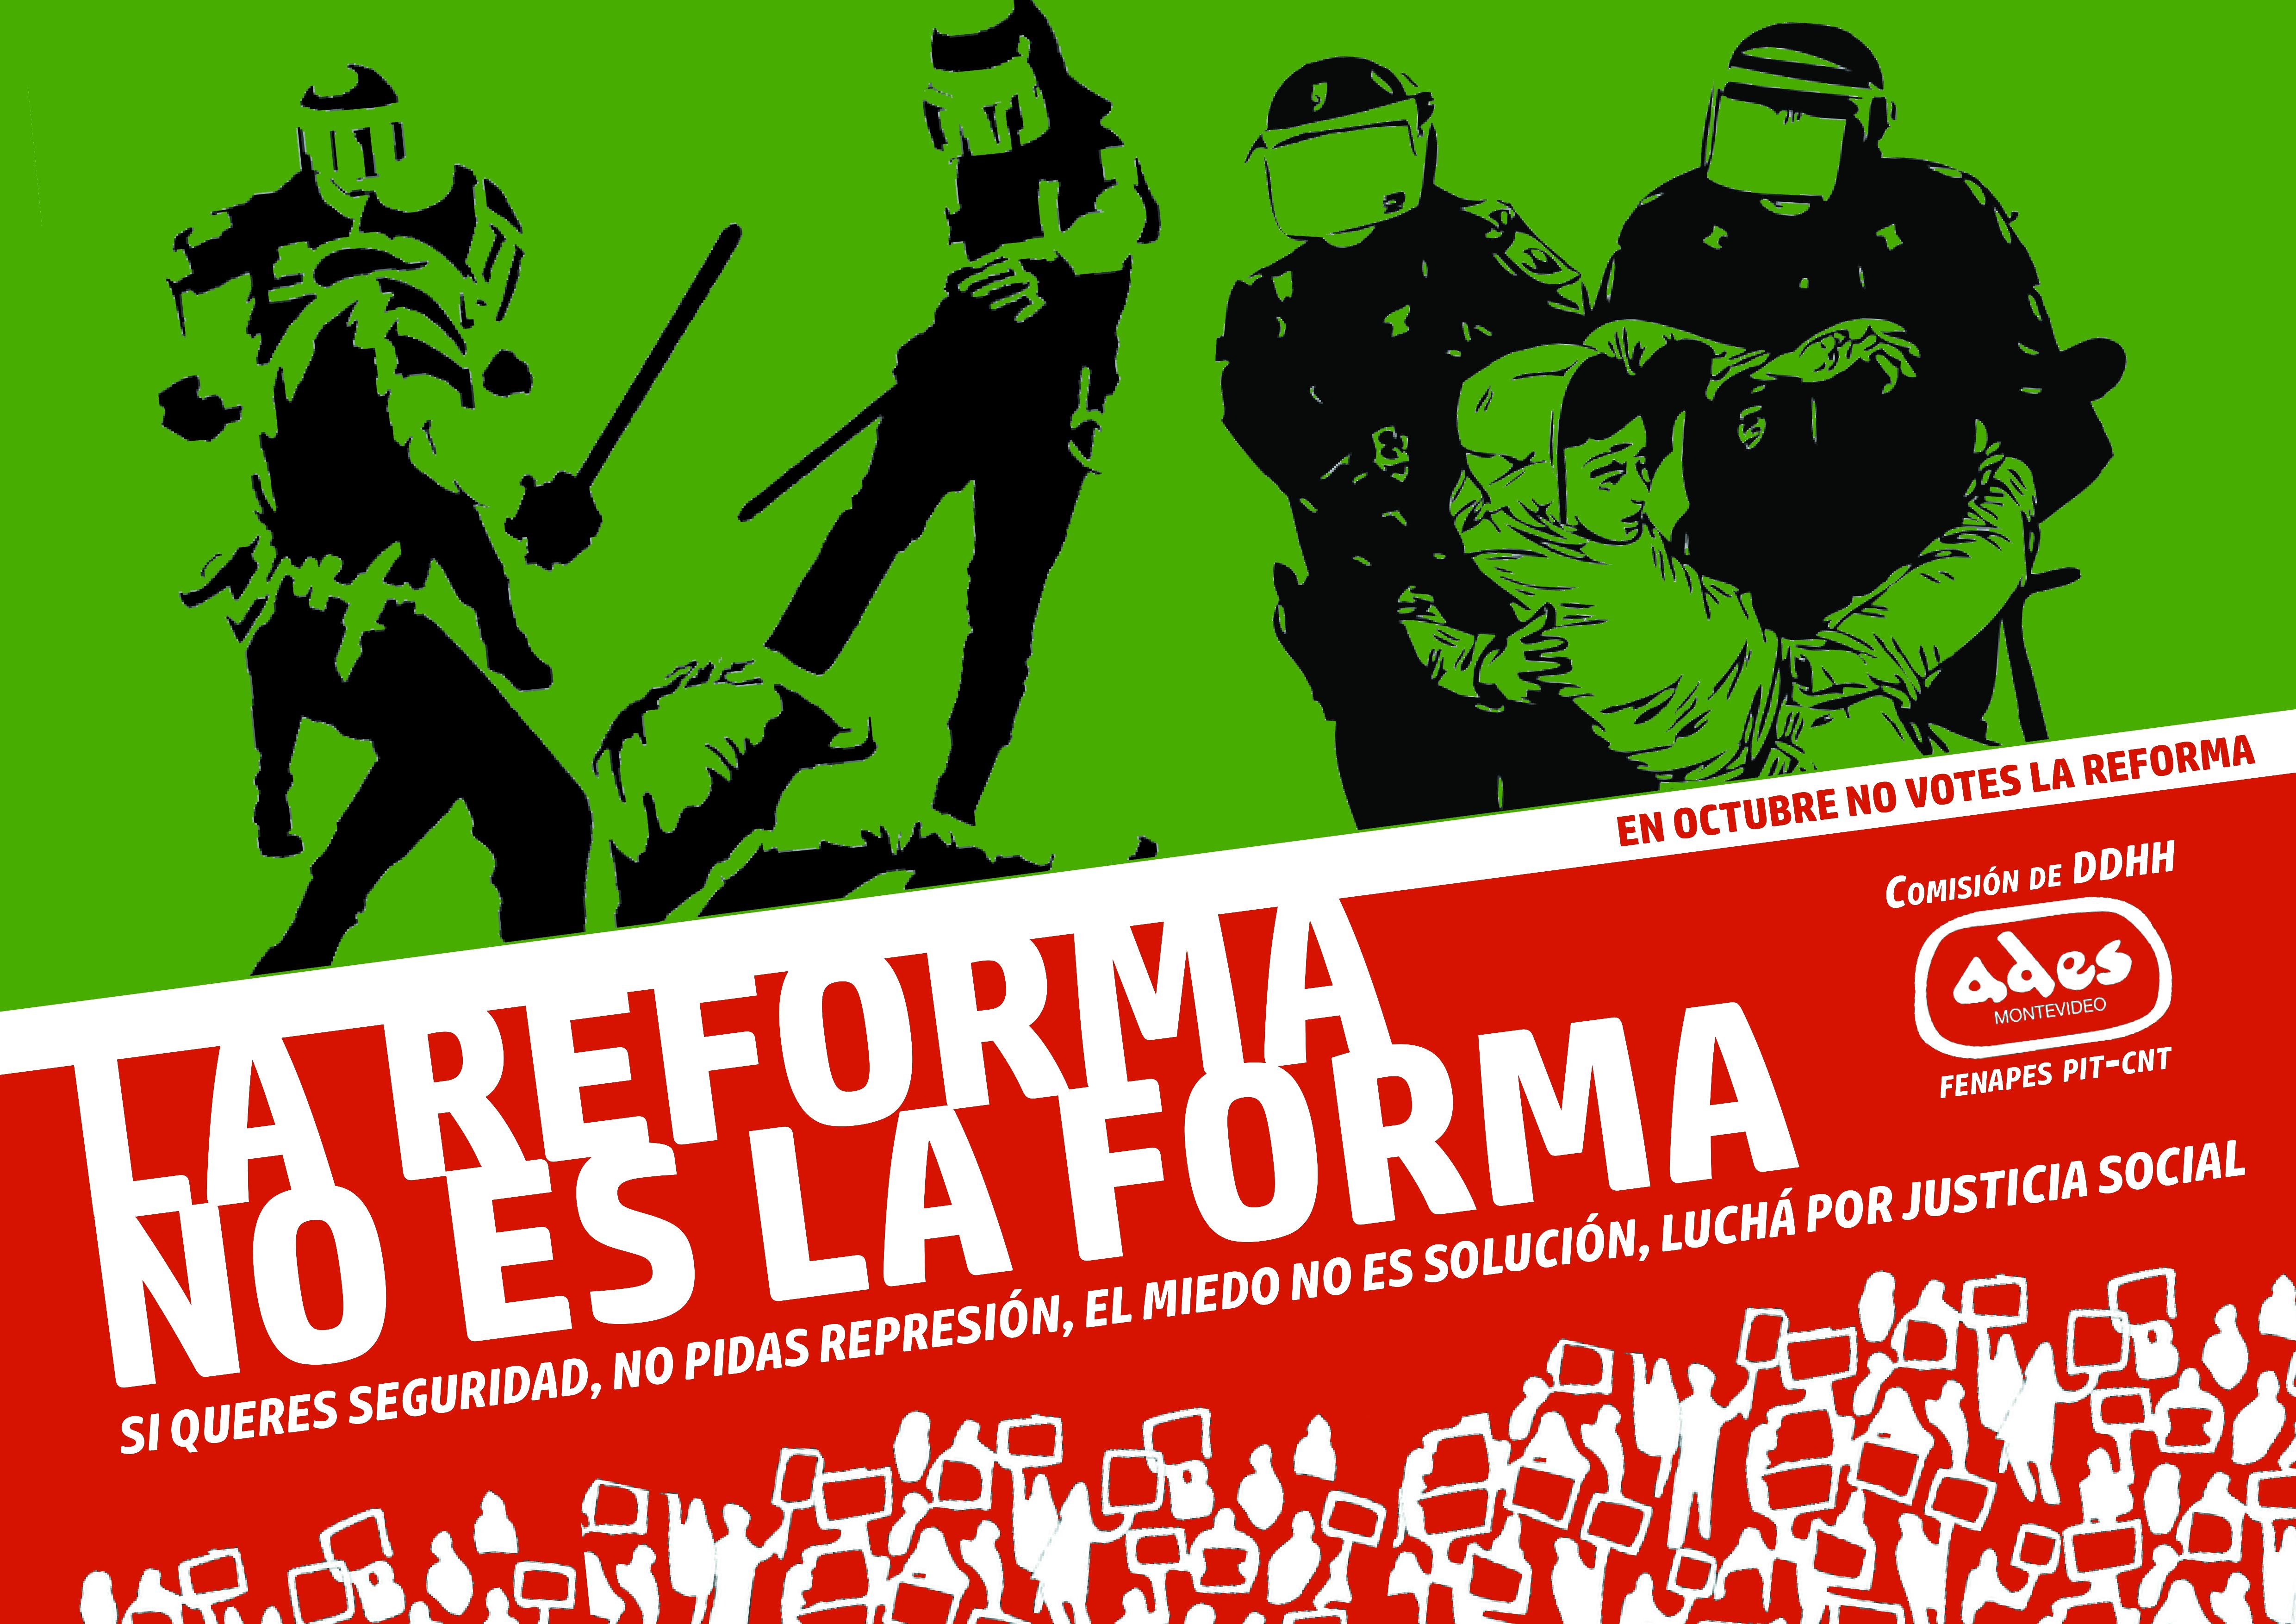 La reforma no es la forma